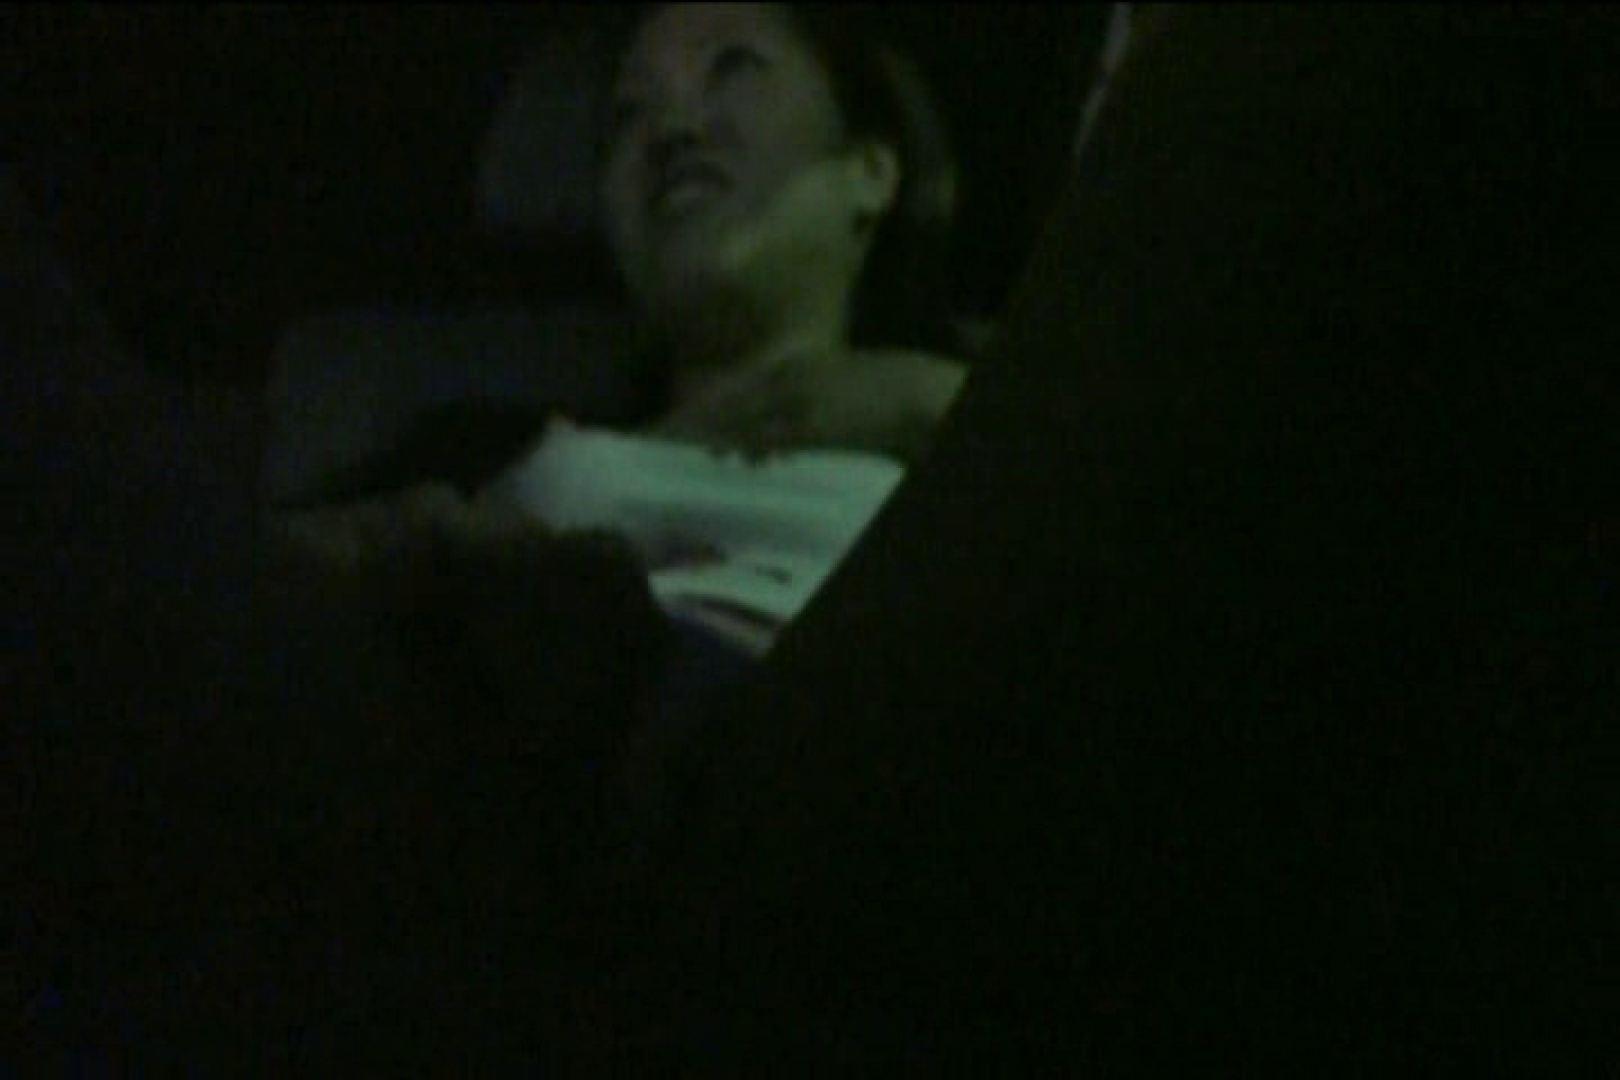 車内で初めまして! vol01 盗撮シリーズ オメコ無修正動画無料 102PIX 14